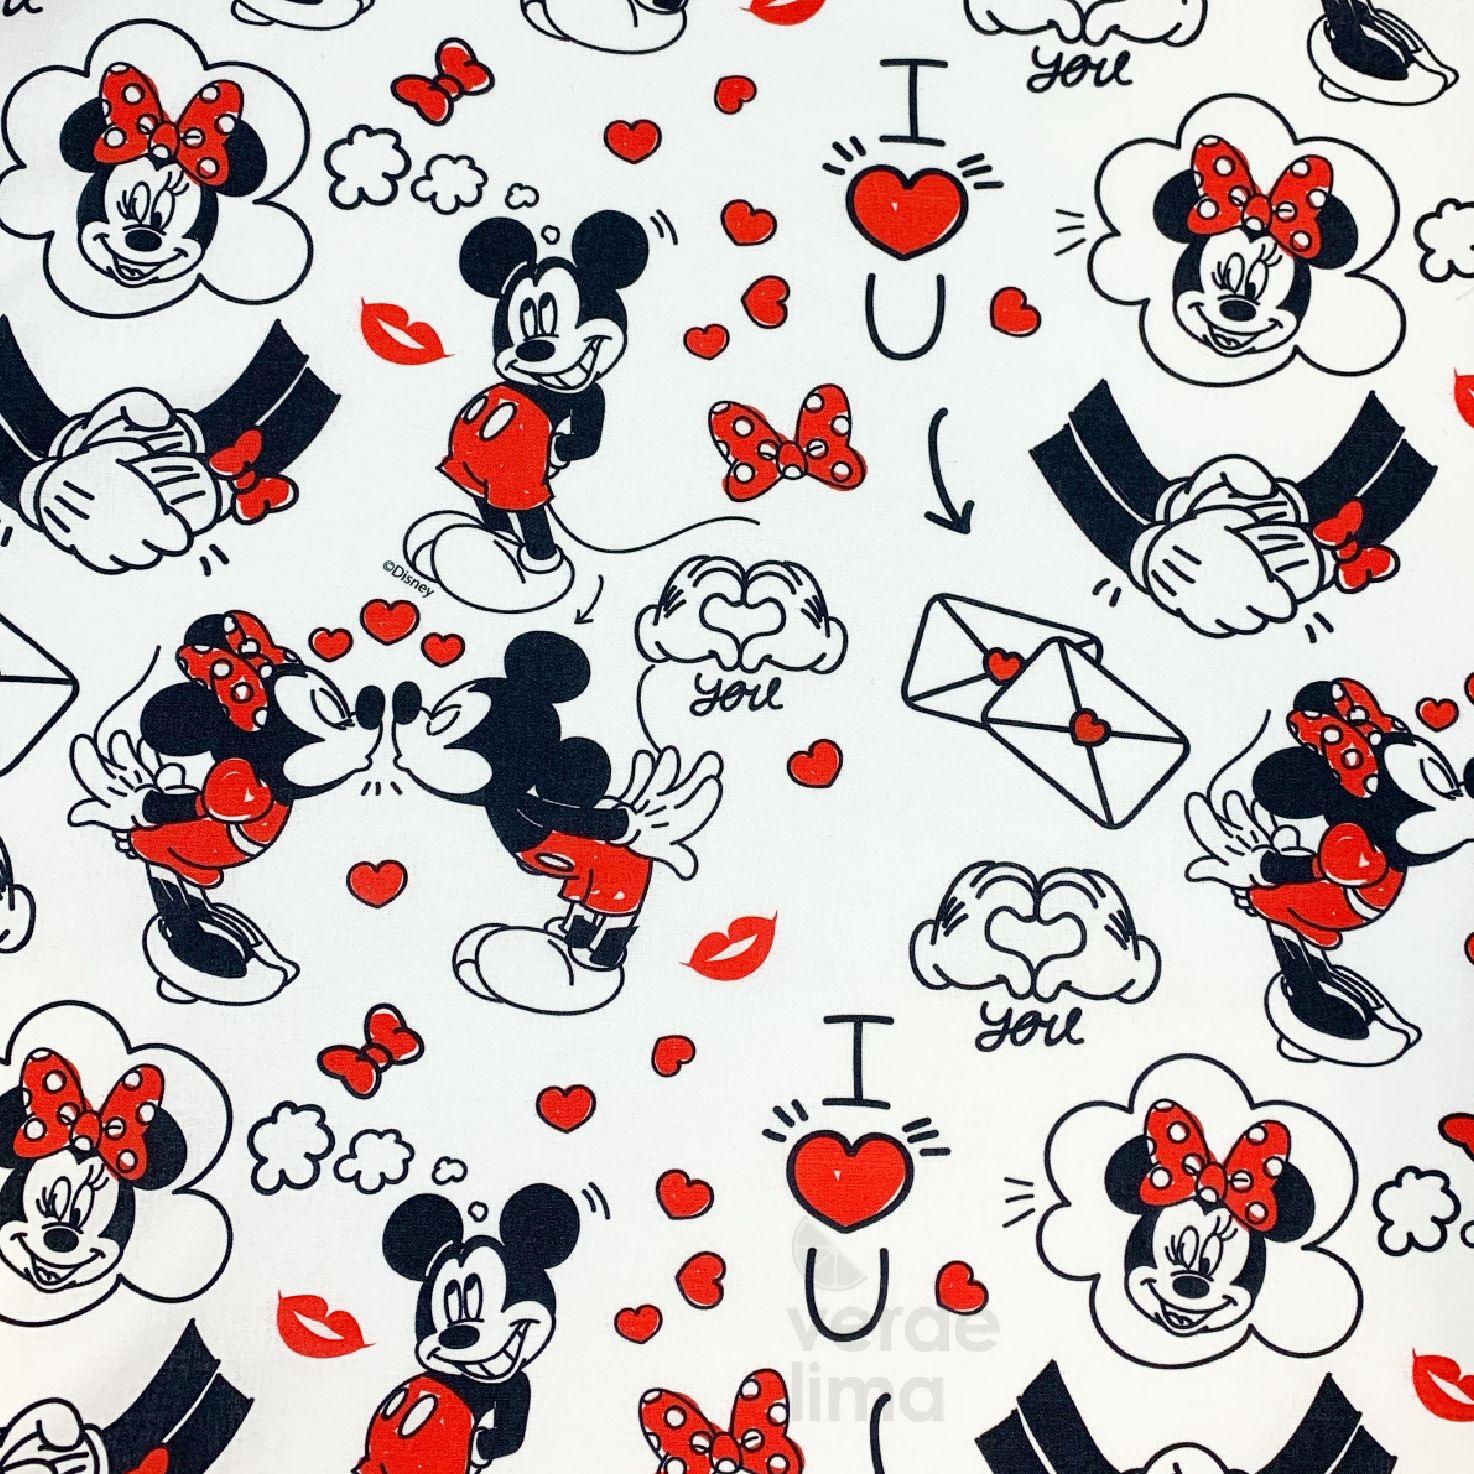 Mickey e Minnie - I love you